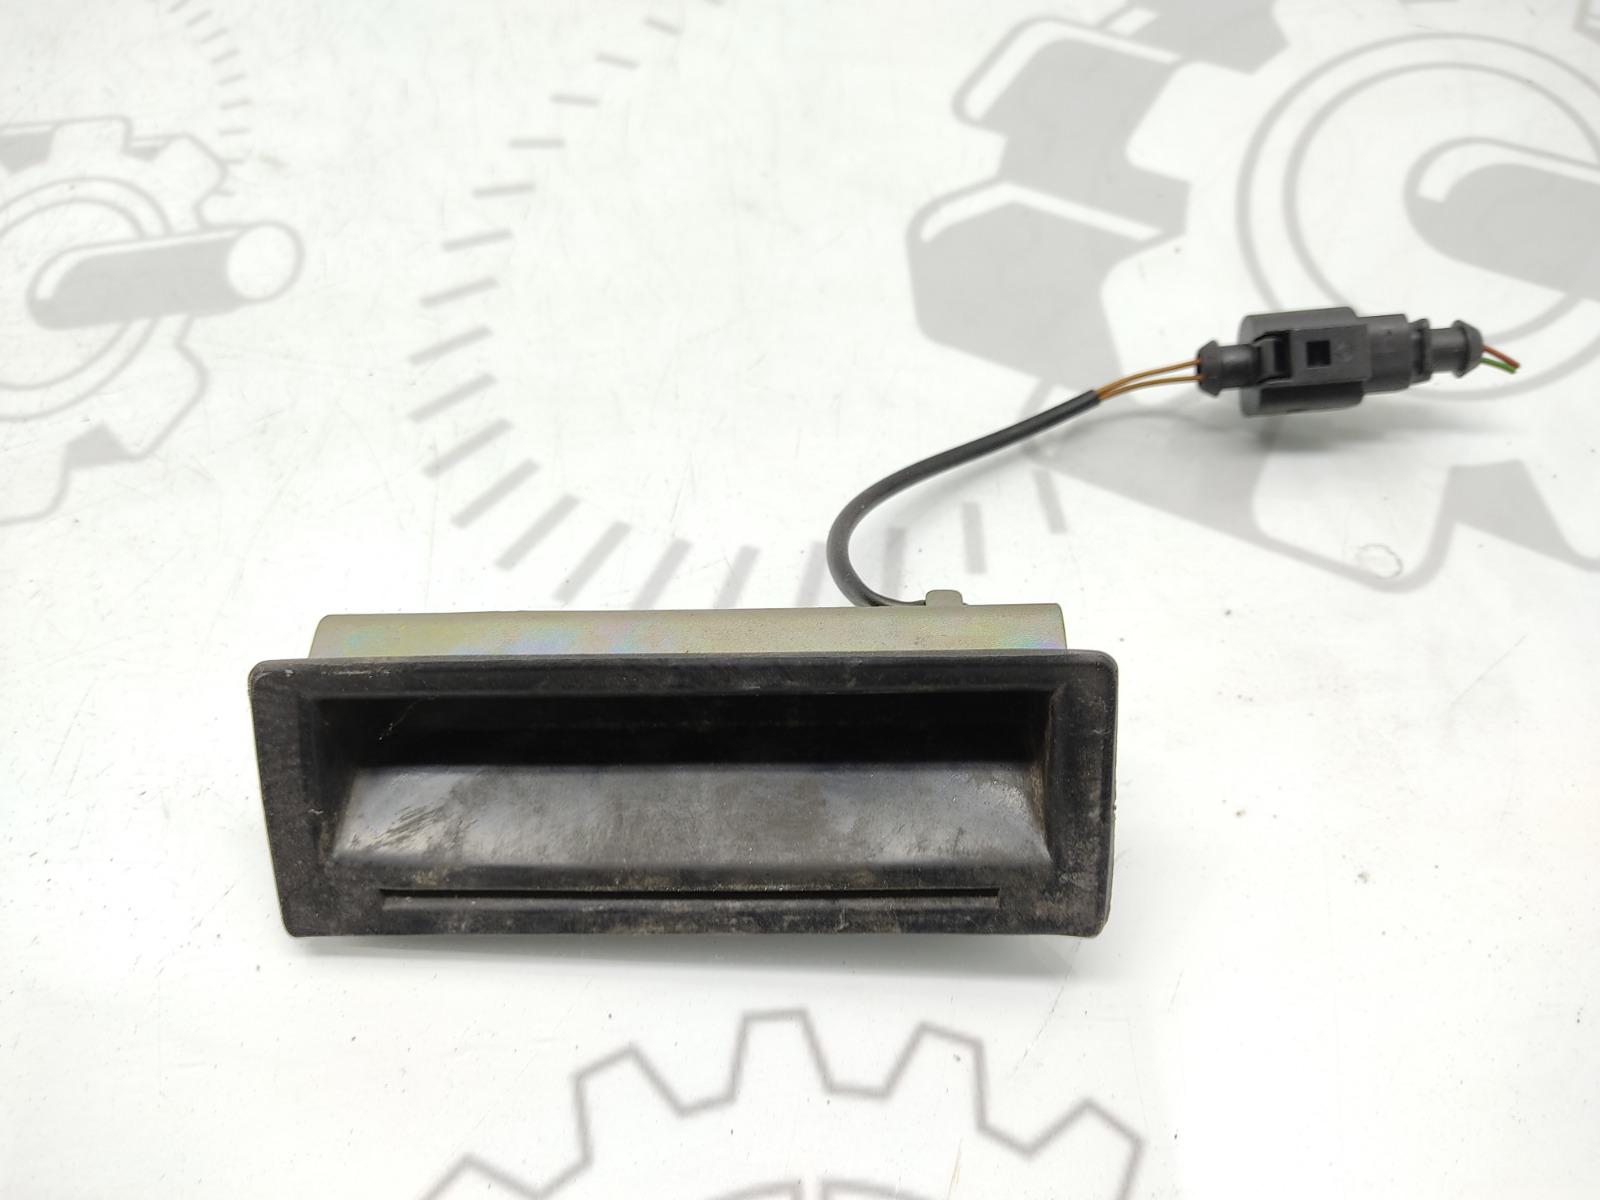 Кнопка открытия багажника Volkswagen Bora 2.0 I 2002 (б/у)